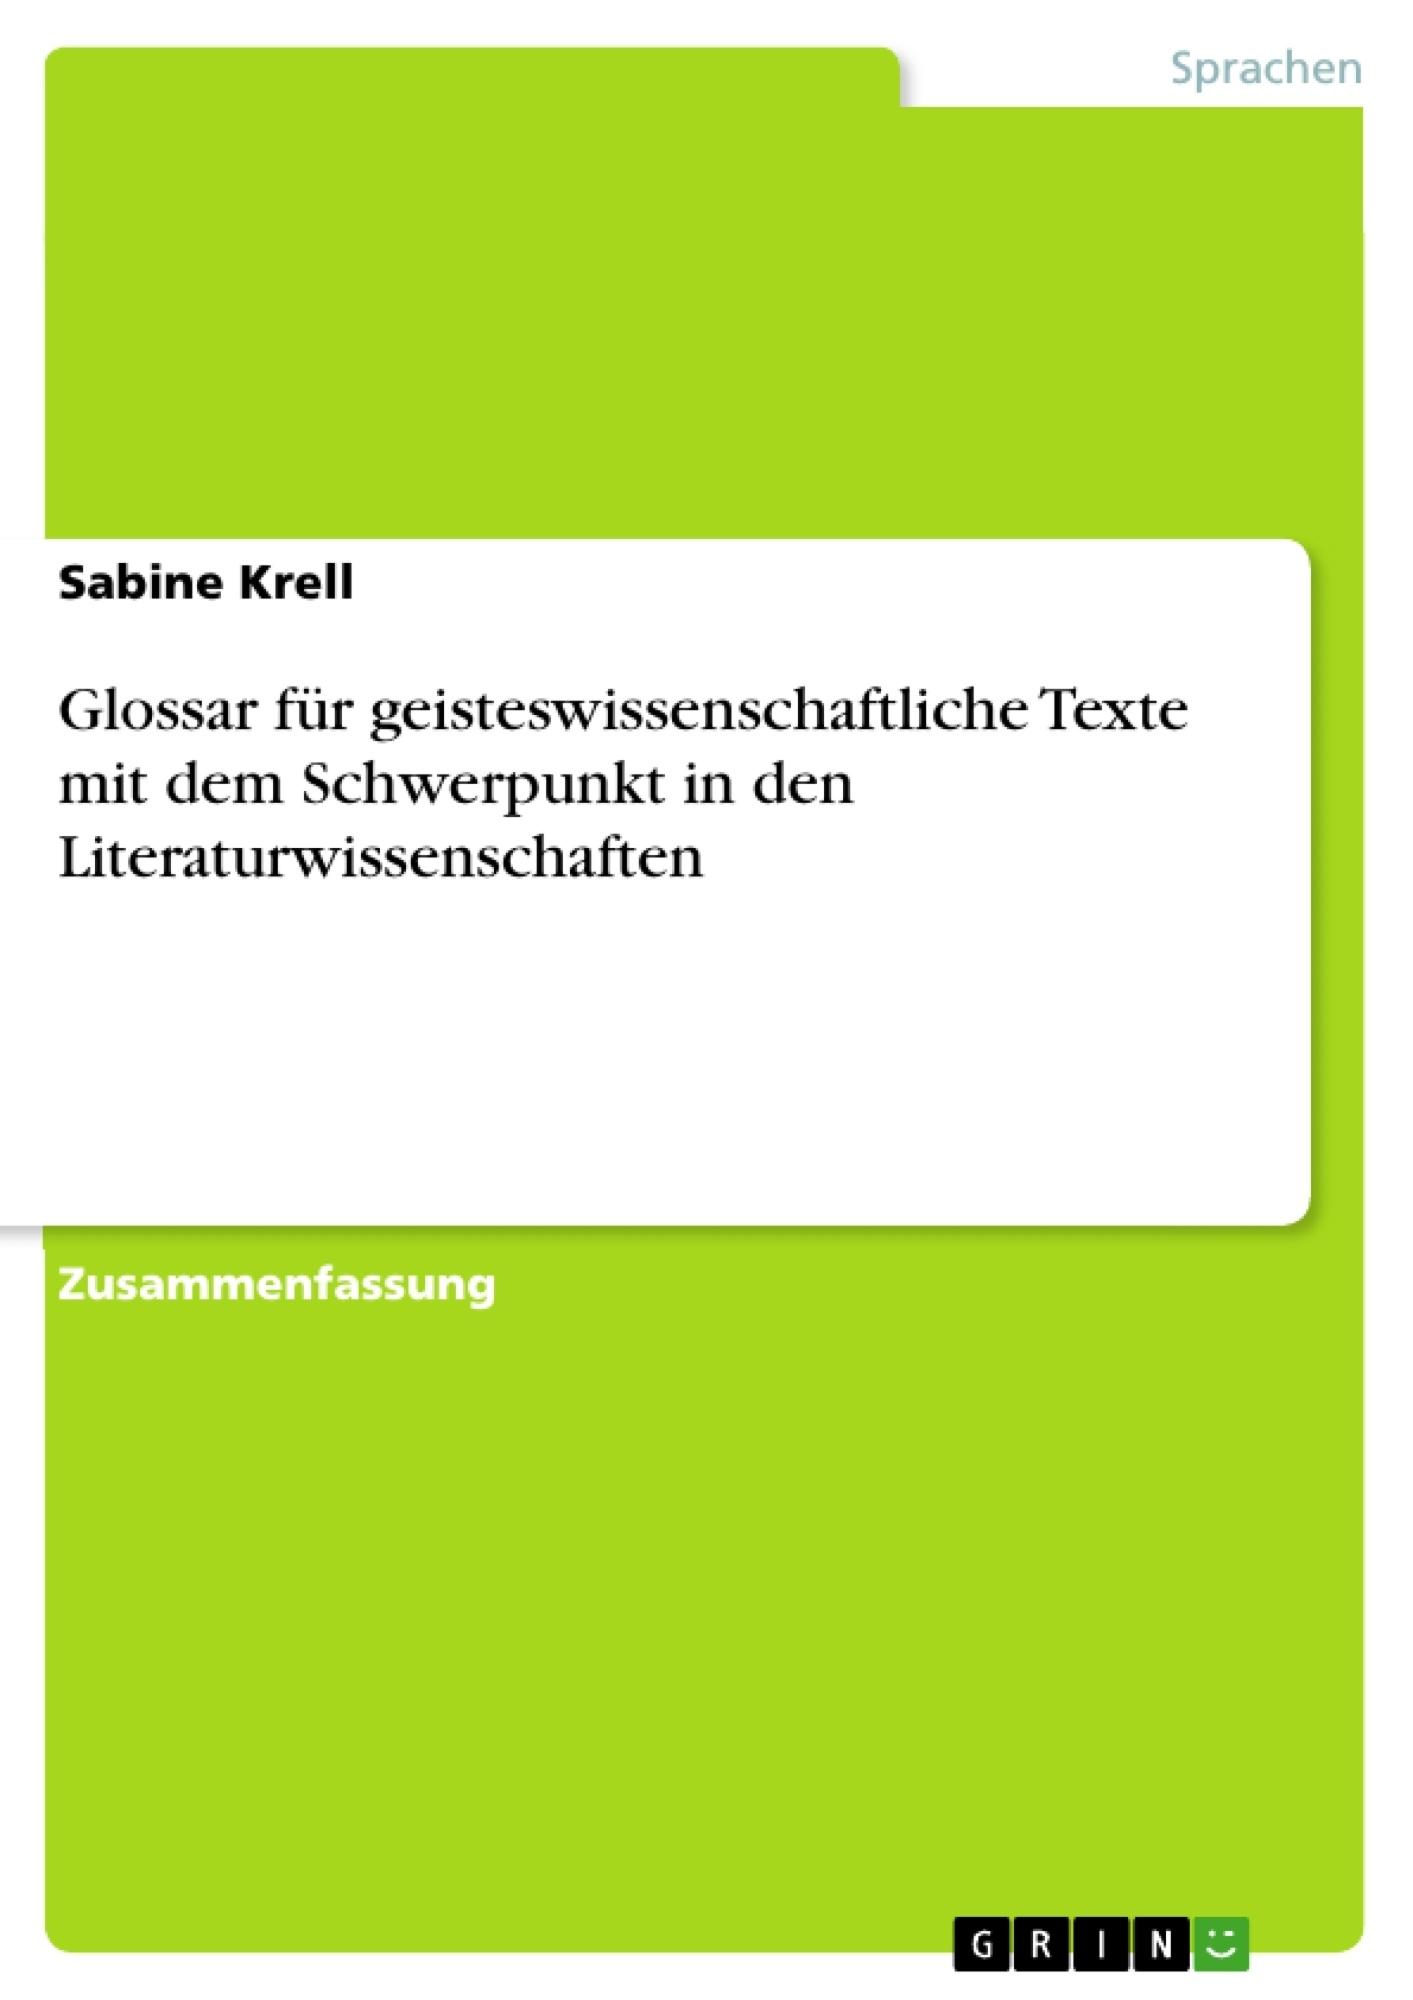 Titel: Glossar für geisteswissenschaftliche Texte mit dem Schwerpunkt in den Literaturwissenschaften